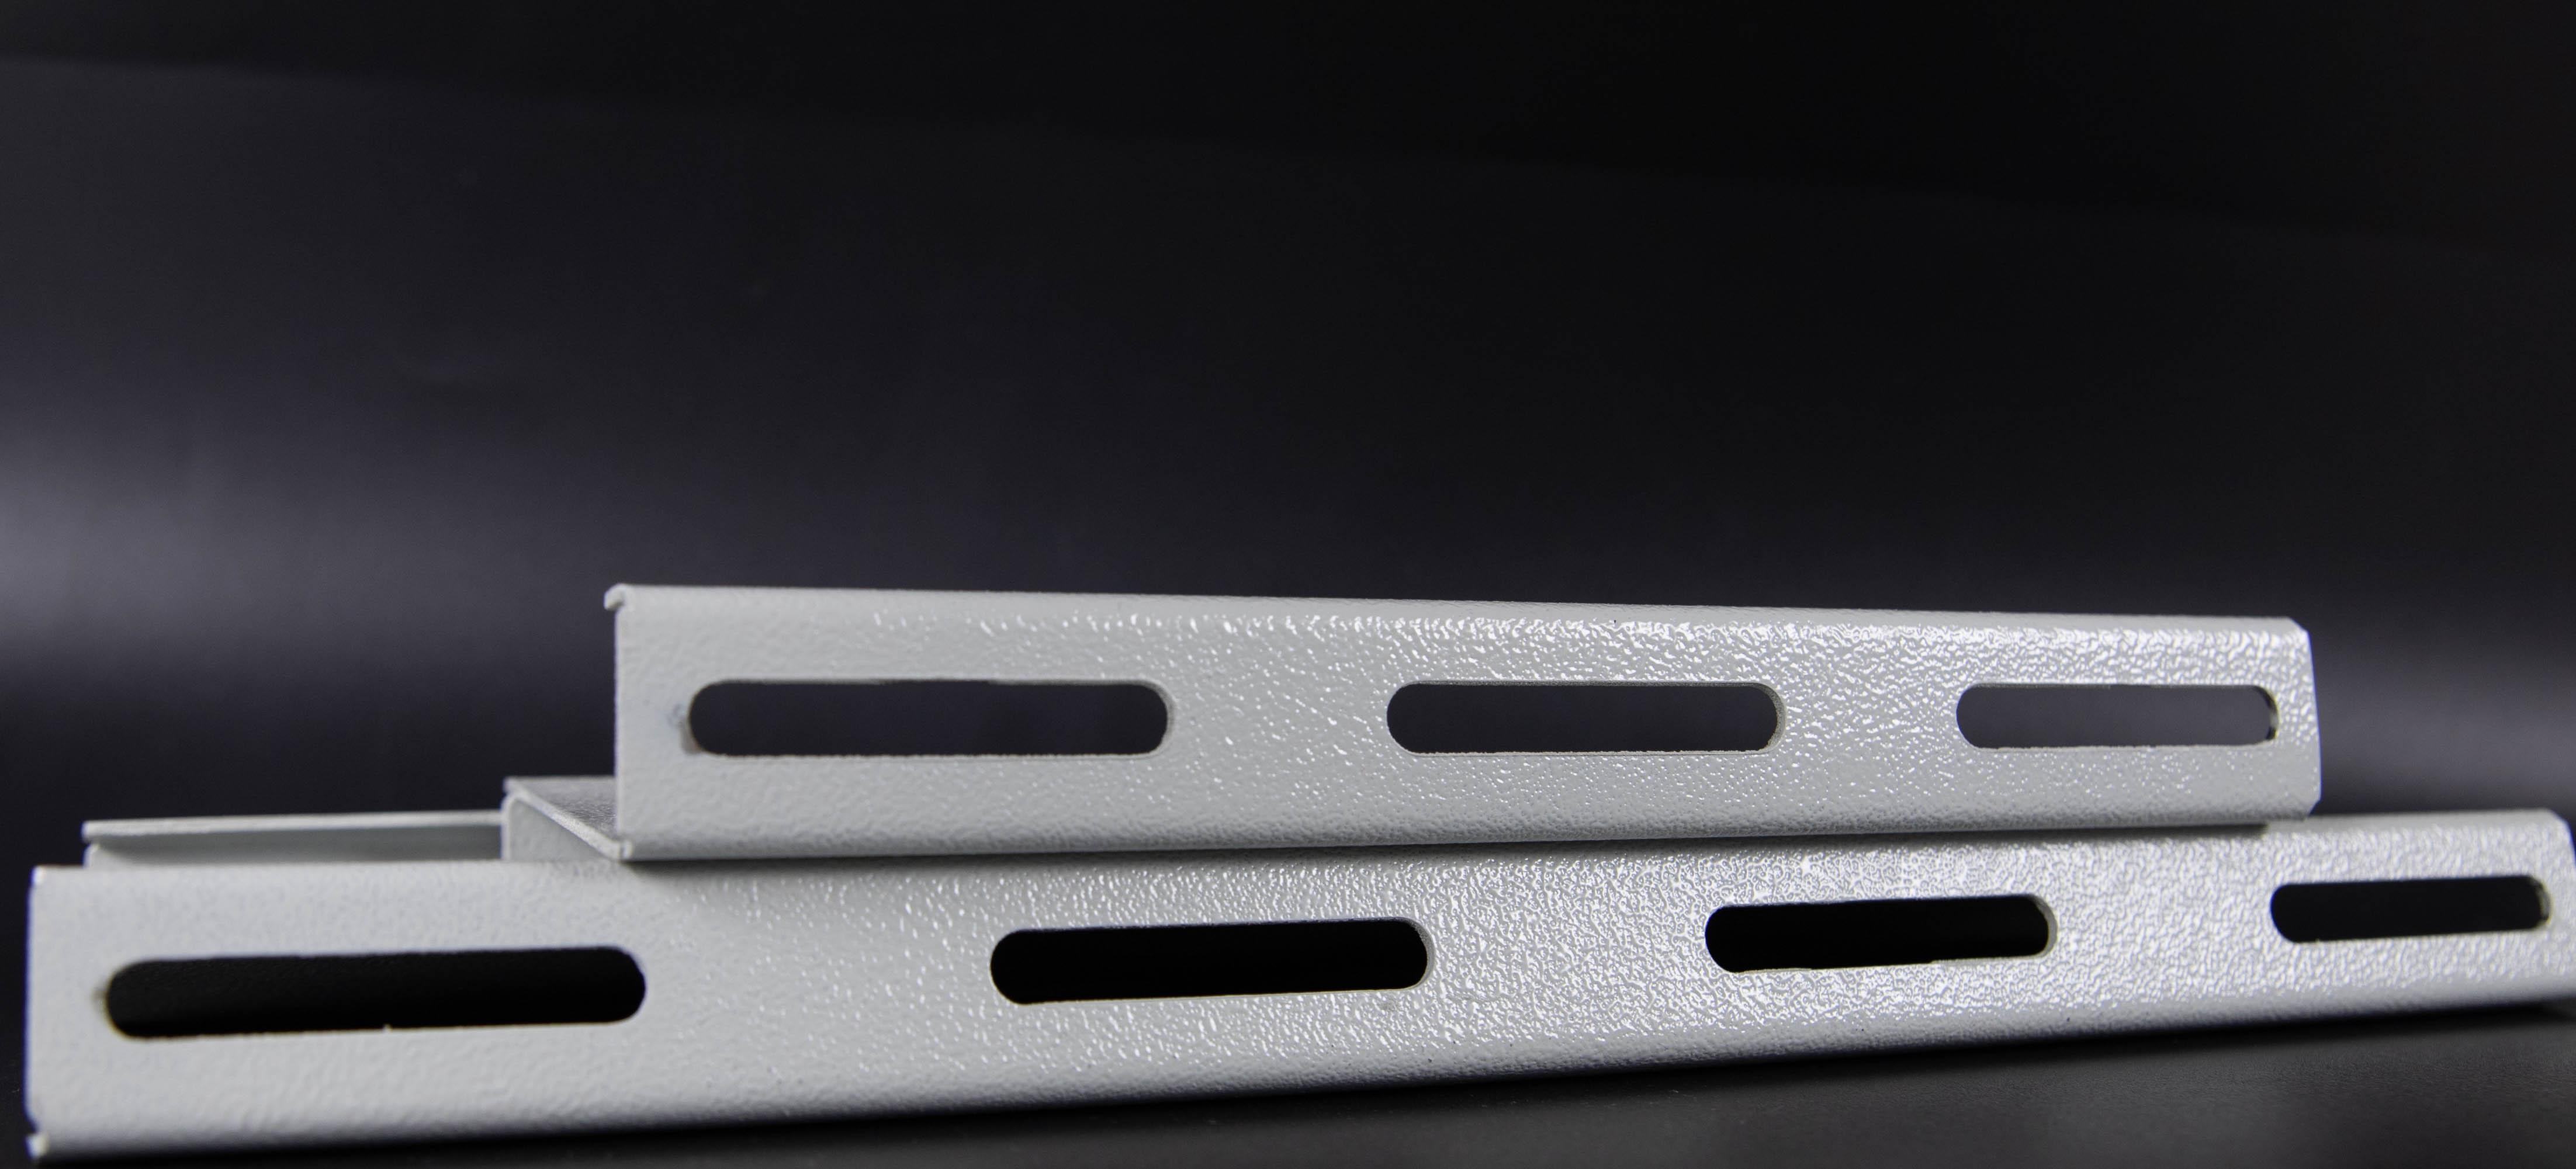 Chân chữ Z 300x100x50mm thép sơn tĩnh điện dày 1,5mm -:- 2mm